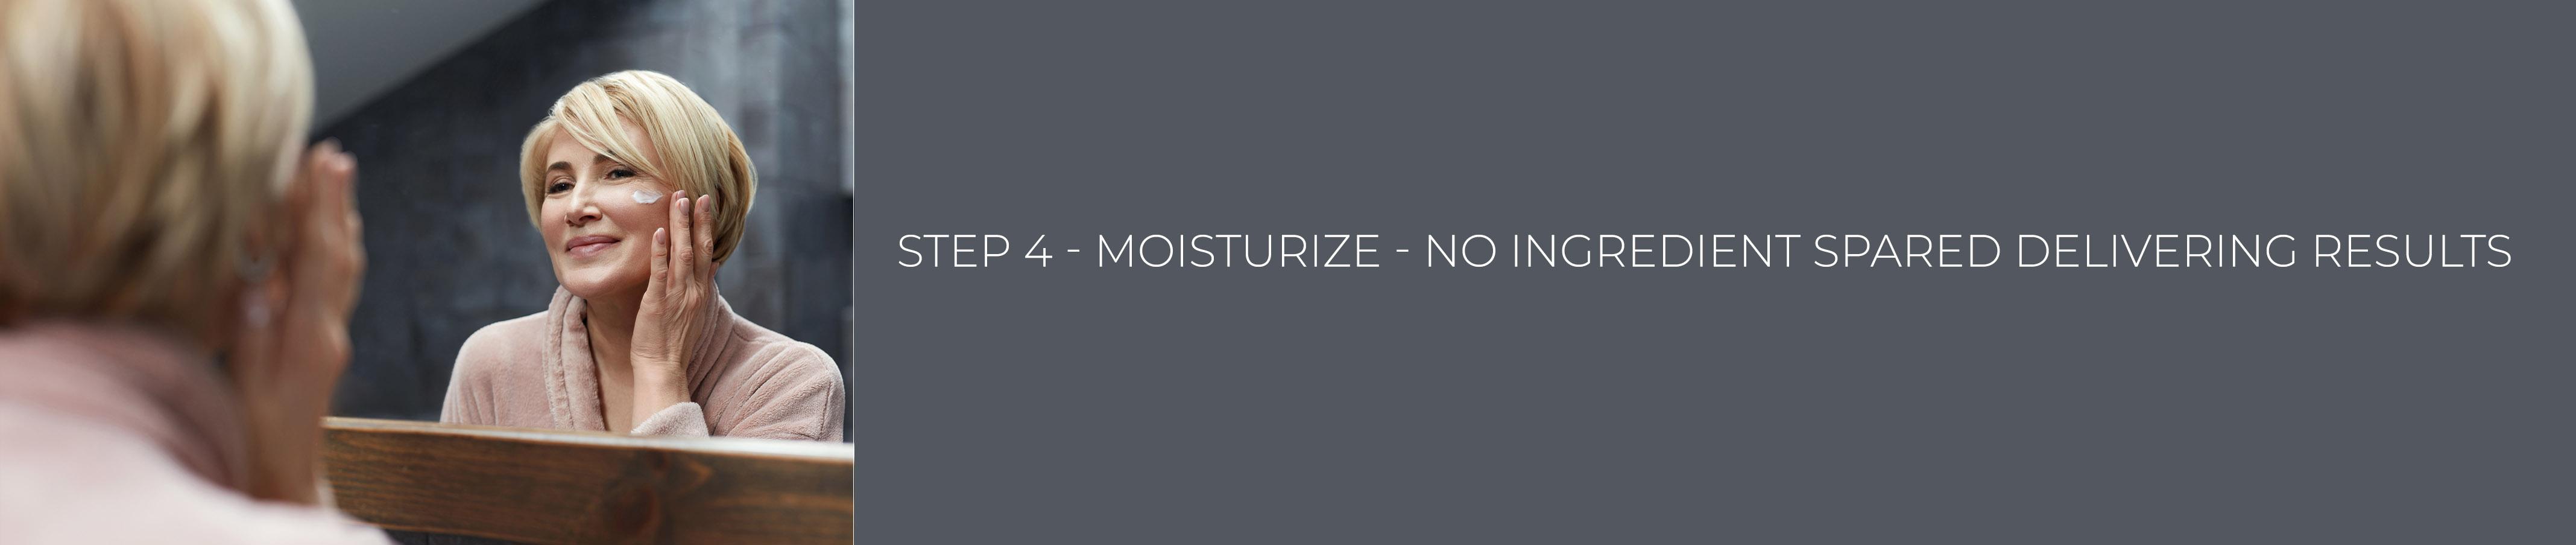 moisturize11.jpg